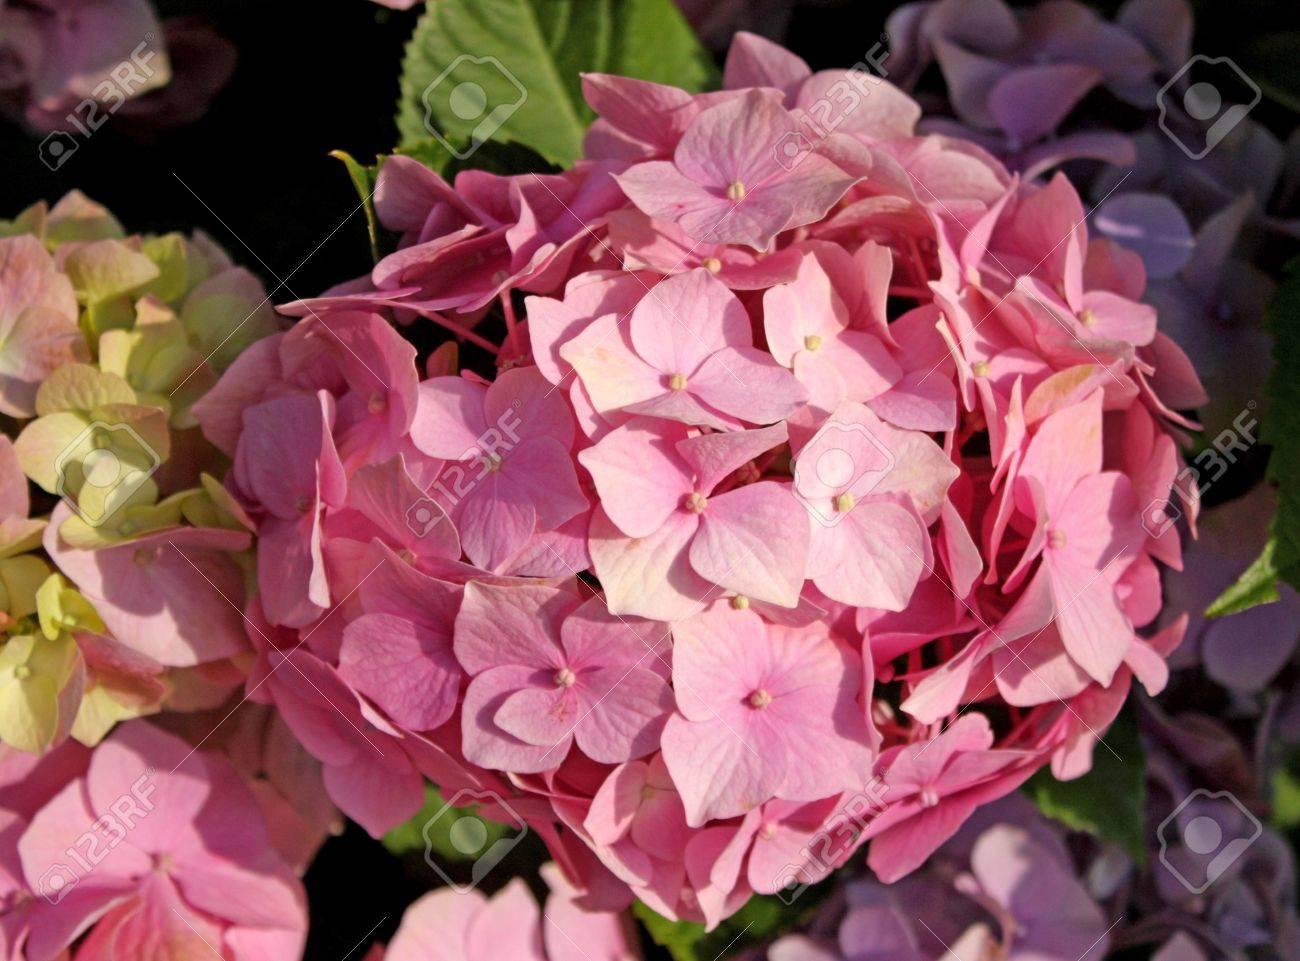 gros les fleurs rose boule de neige. banque d'images et photos